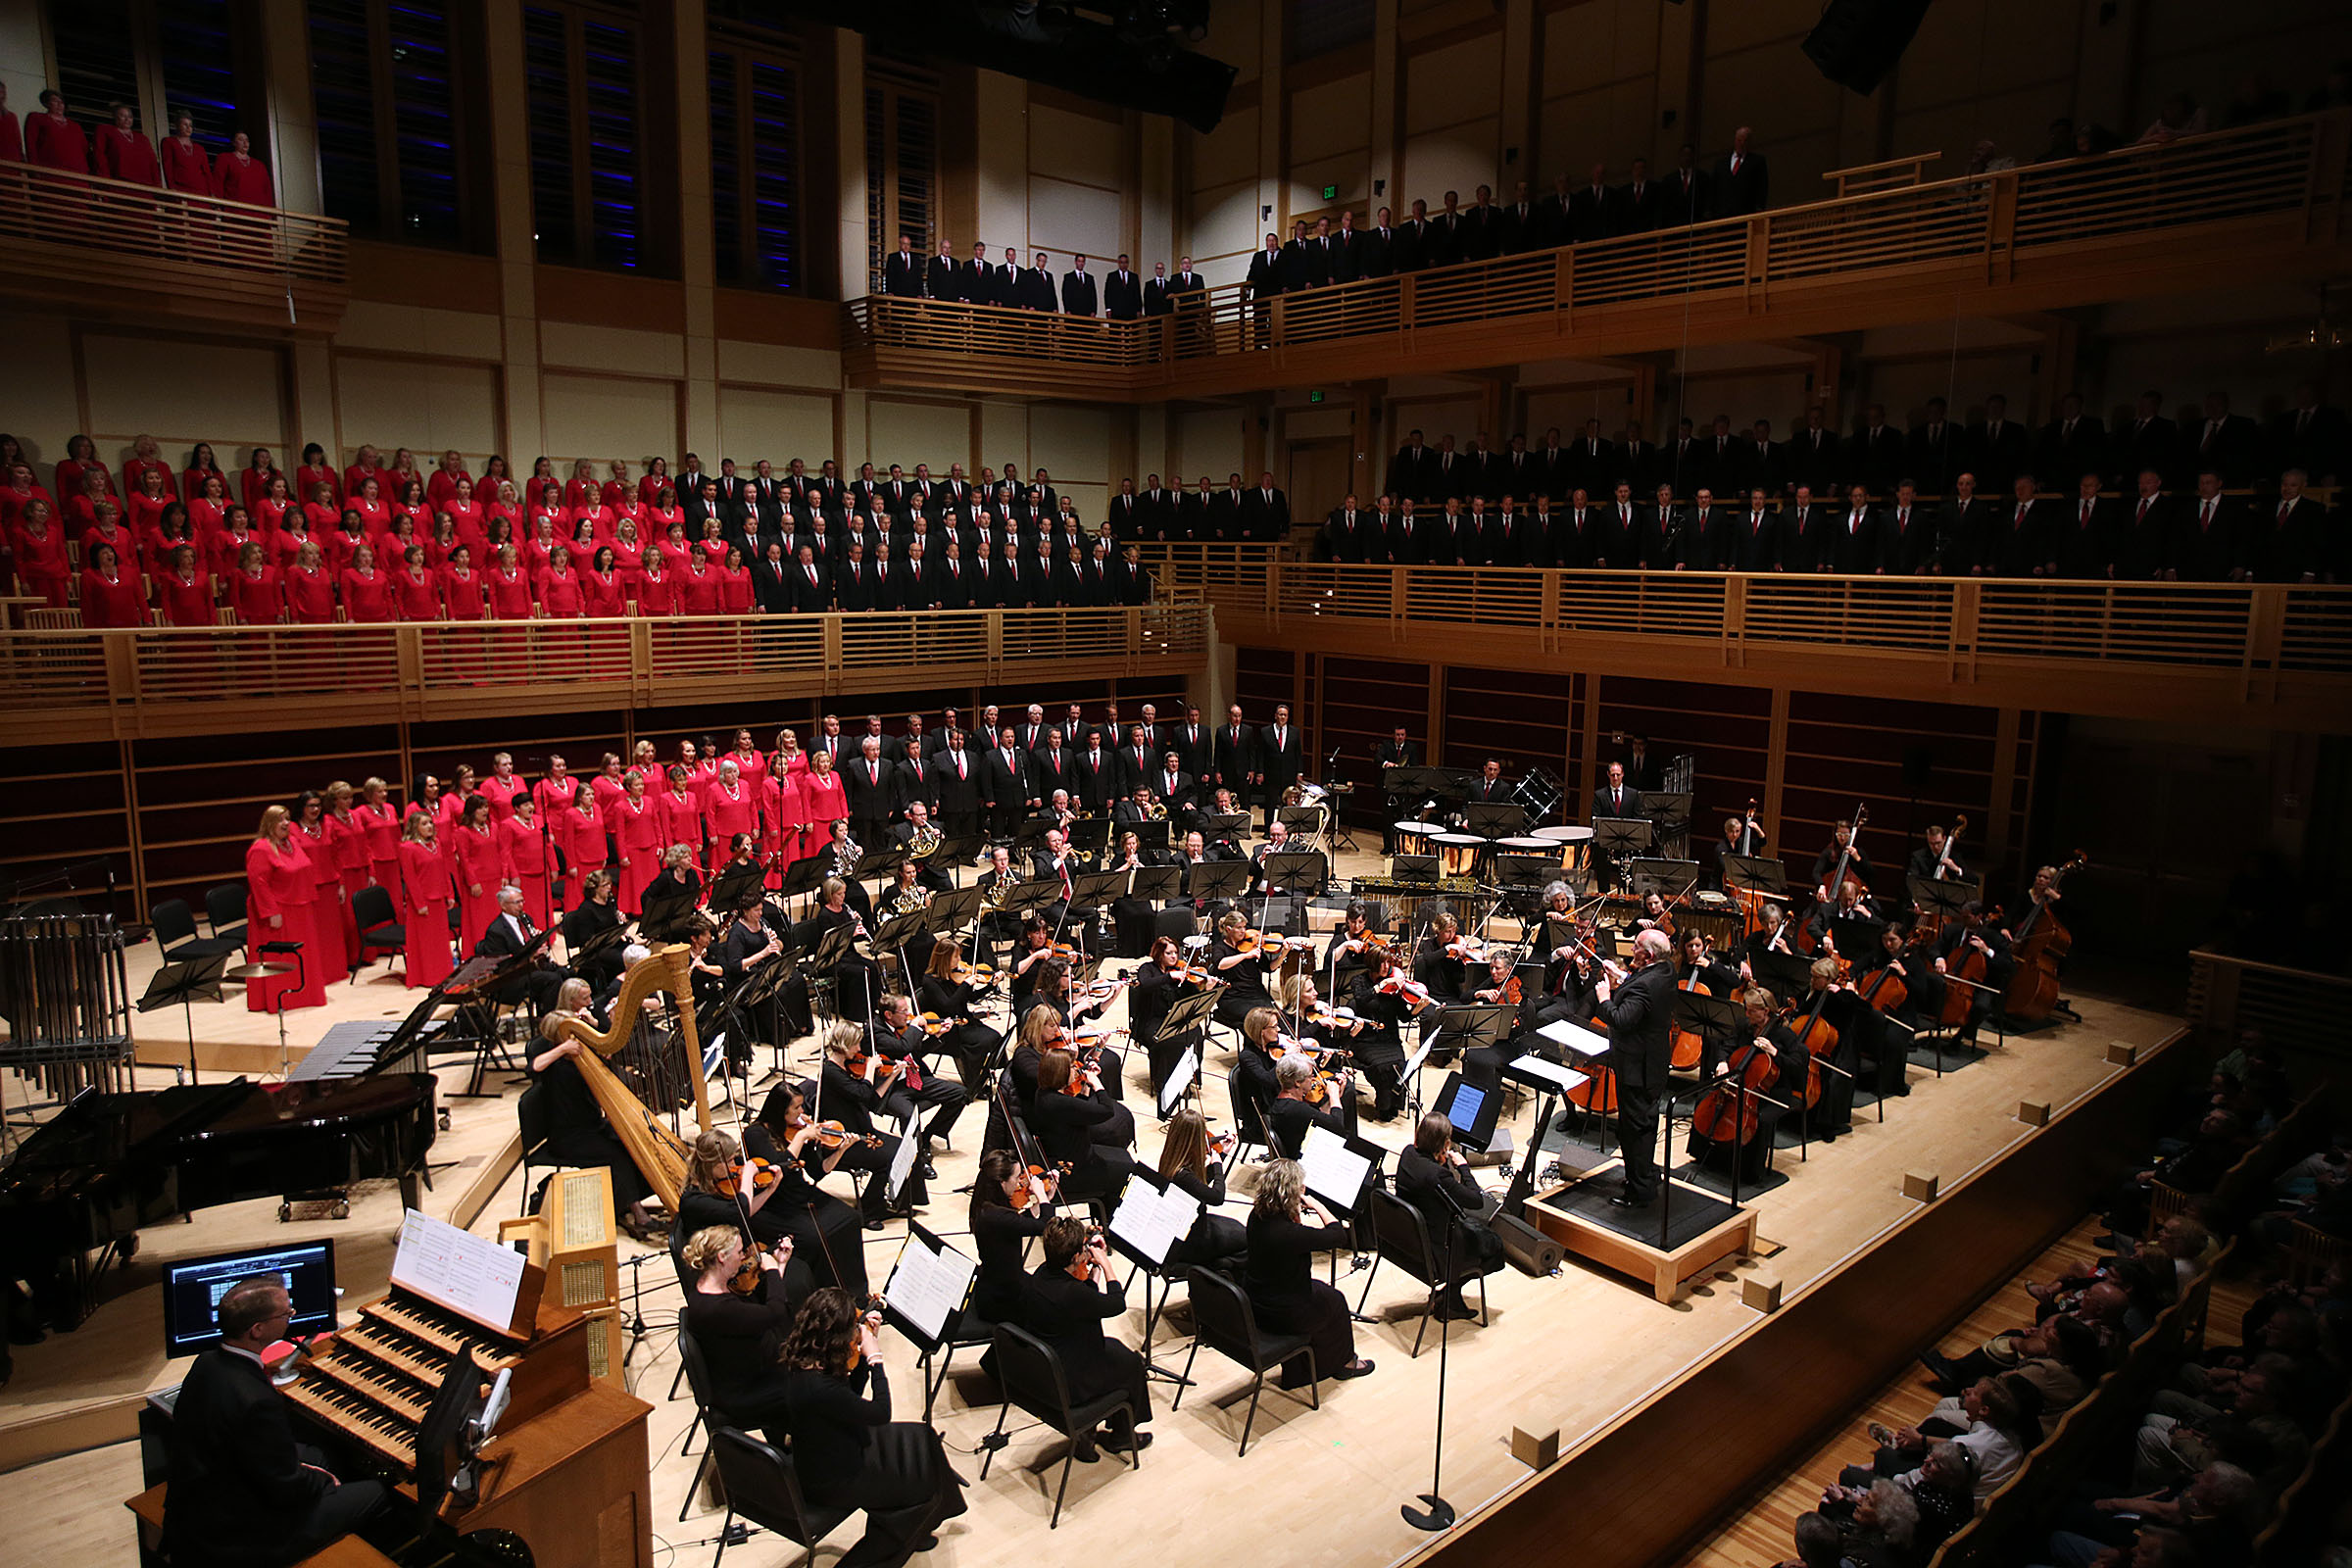 El Coro y la Orquesta del Tabernáculo en Temple Square se presentan en Weill Hall en el Green Music Center en Rohnert Park, California, el miércoles 27 de junio de 2018.